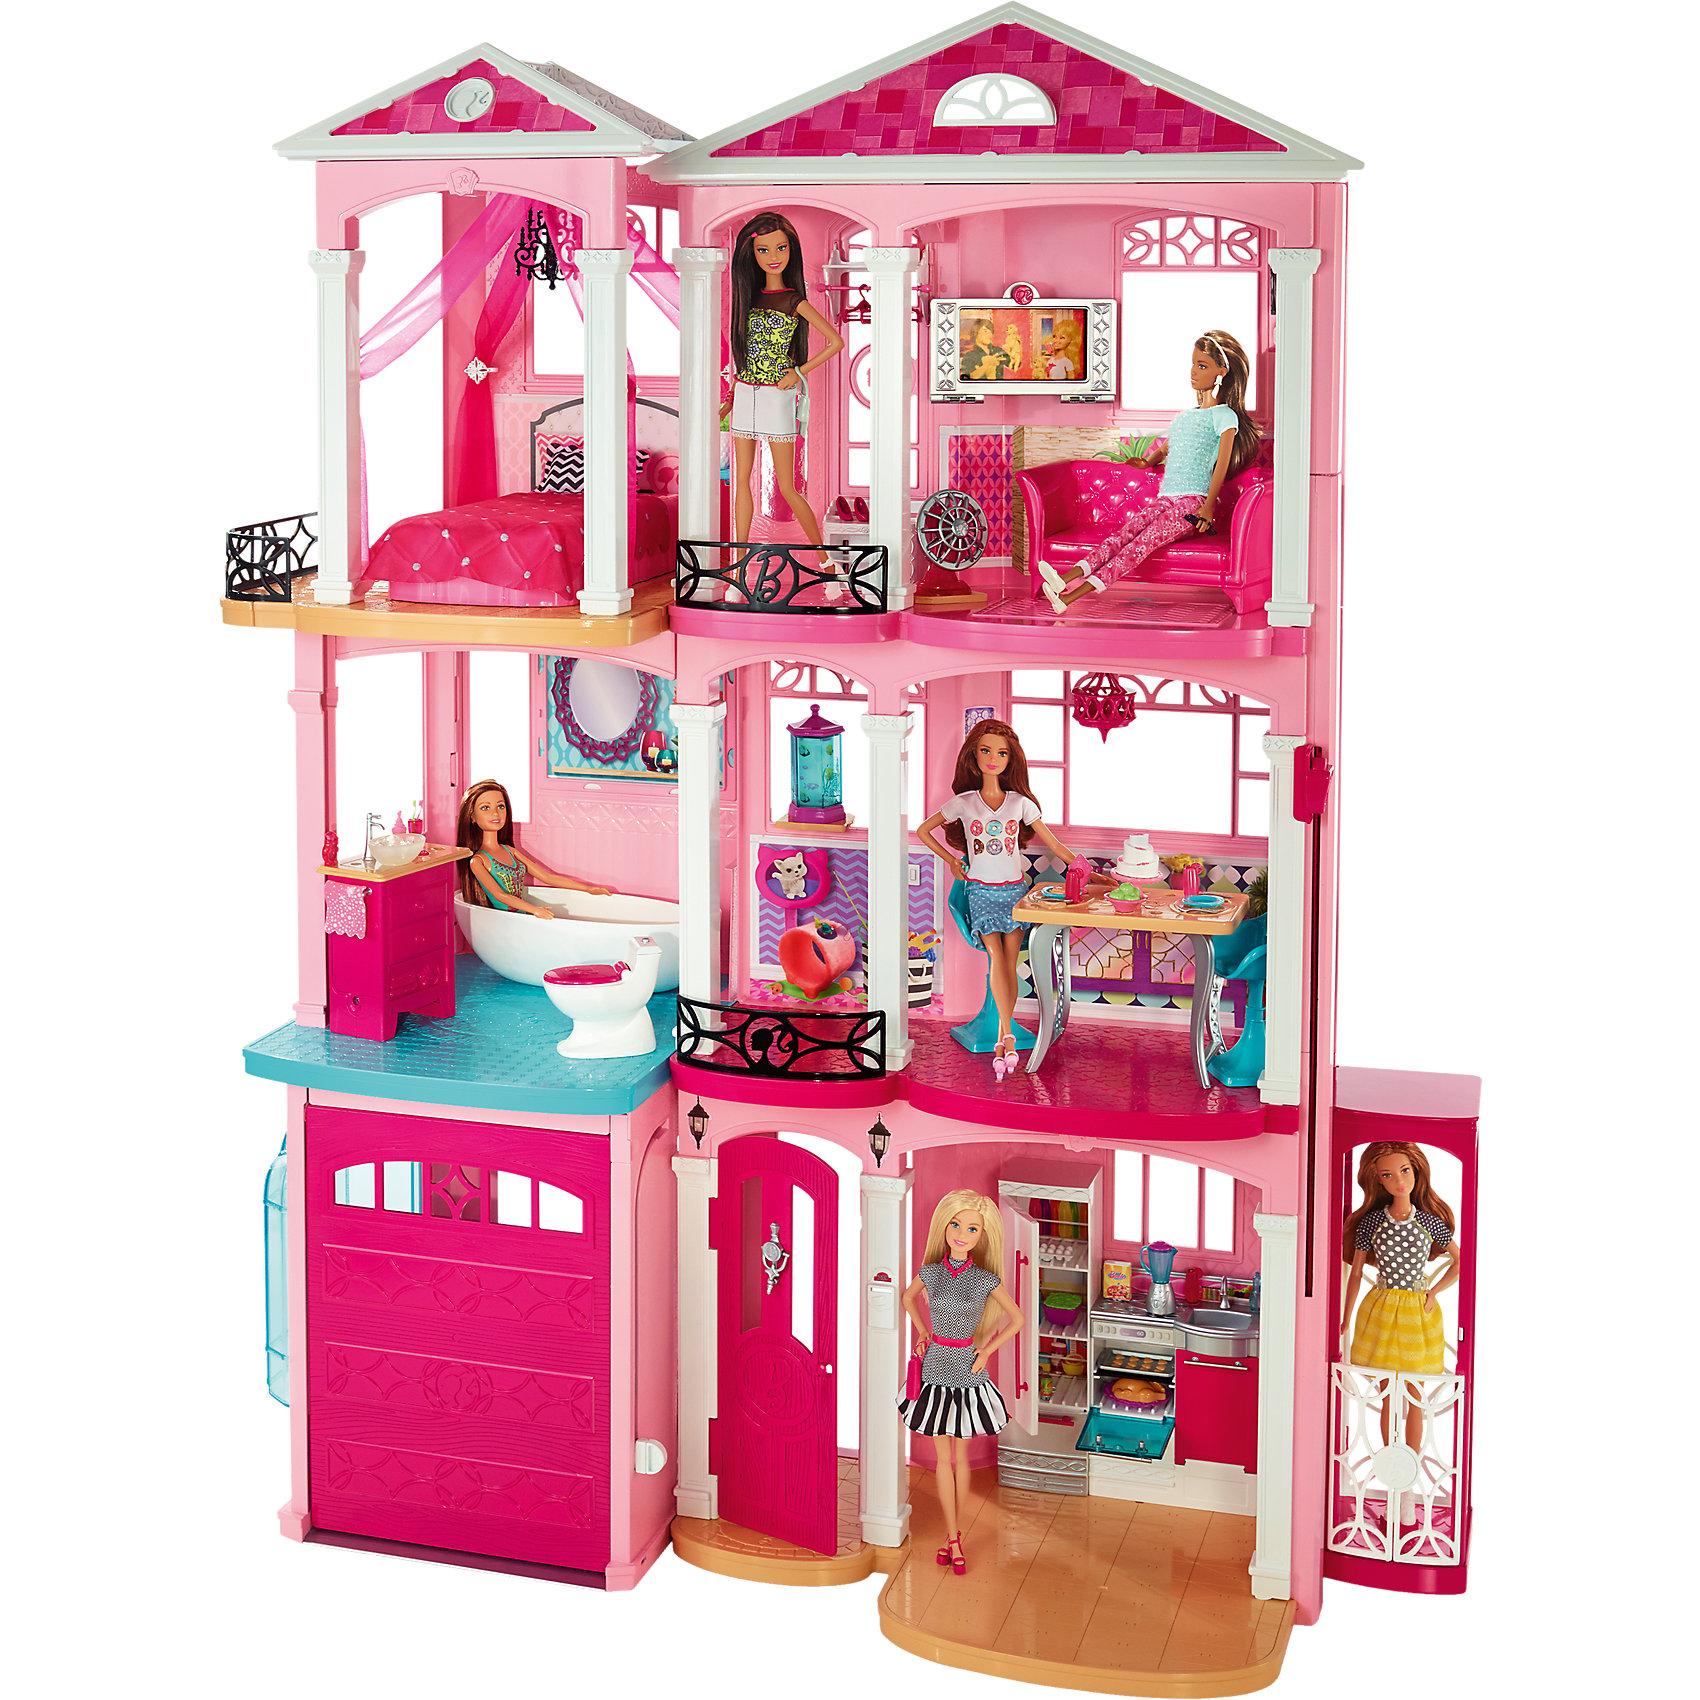 Дом мечты BarbieИгрушечные домики и замки<br>Самый лучший дом для самой лучшей куклы на свете! В этом доме есть все, для прекрасной и беззаботной жизни. Он состоит из трех этажей, на первом этаже располагается гараж и кухня. В чудесной просторной кухне Барби и ее подруги смогут приготовить множество изысканных блюд. Скорее поднимайся на второй этаж, здесь ты сможешь принять освежающую ванну и после этого проследовать в столовую, накрывать на стол. На третьем этаже располагается уютная спальня и гостиная для встречи с любимыми друзьями. Не обязательно спускаться и подниматься самостоятельно: в доме работает настоящий лифт! Рядом  располагается шикарный бассейн, в котором Барби может отдыхать и плескаться в жаркую погоду. В доме множество мебели и нужных аксессуаров, он так походит на настоящий особняк. Скорее приглашай друзей и устраивай шикарную вечеринку вместе с Барби. Все детали набора выполнены из высококачественного прочного пластика и прекрасно проработаны. Ваша малышка придет в неописуемый восторг от такого чудесного подарка! <br><br>Дополнительная информация:<br><br>- Материал: пластик.<br>- Размер дома: 20х75х85 см.<br>- Куклы, автомобиль и домашние животные продаются отдельно. <br>- Элемент питания: 3 ААА батарейки (не входят в комплект).<br><br>Дом мечты Barbie (Барби) можно купить в нашем магазине.<br><br>Ширина мм: 762<br>Глубина мм: 762<br>Высота мм: 212<br>Вес г: 12000<br>Возраст от месяцев: 36<br>Возраст до месяцев: 72<br>Пол: Женский<br>Возраст: Детский<br>SKU: 4132290